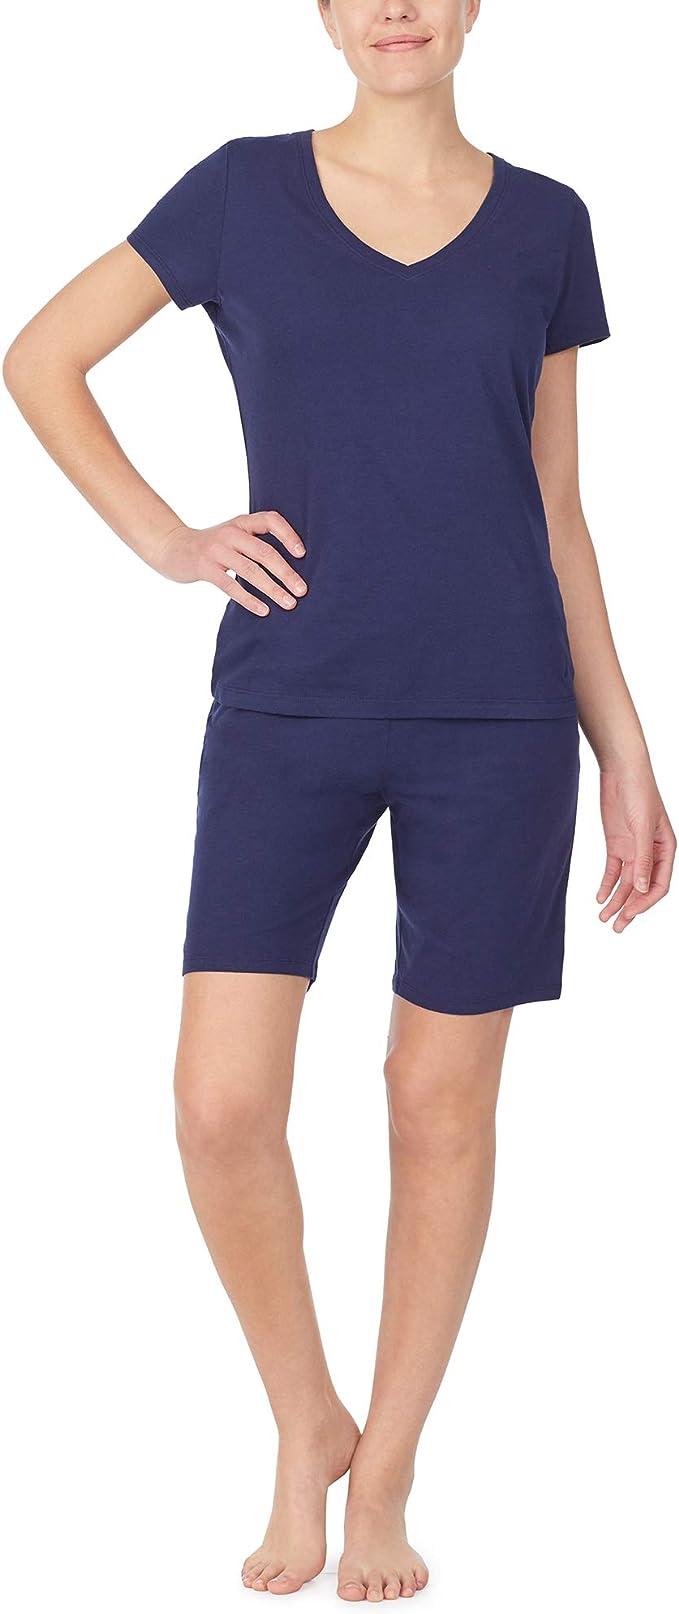 Details about  /3307 AUSTRALIAN Bermuda Cotton Shorts Short Shorts Cotton //30